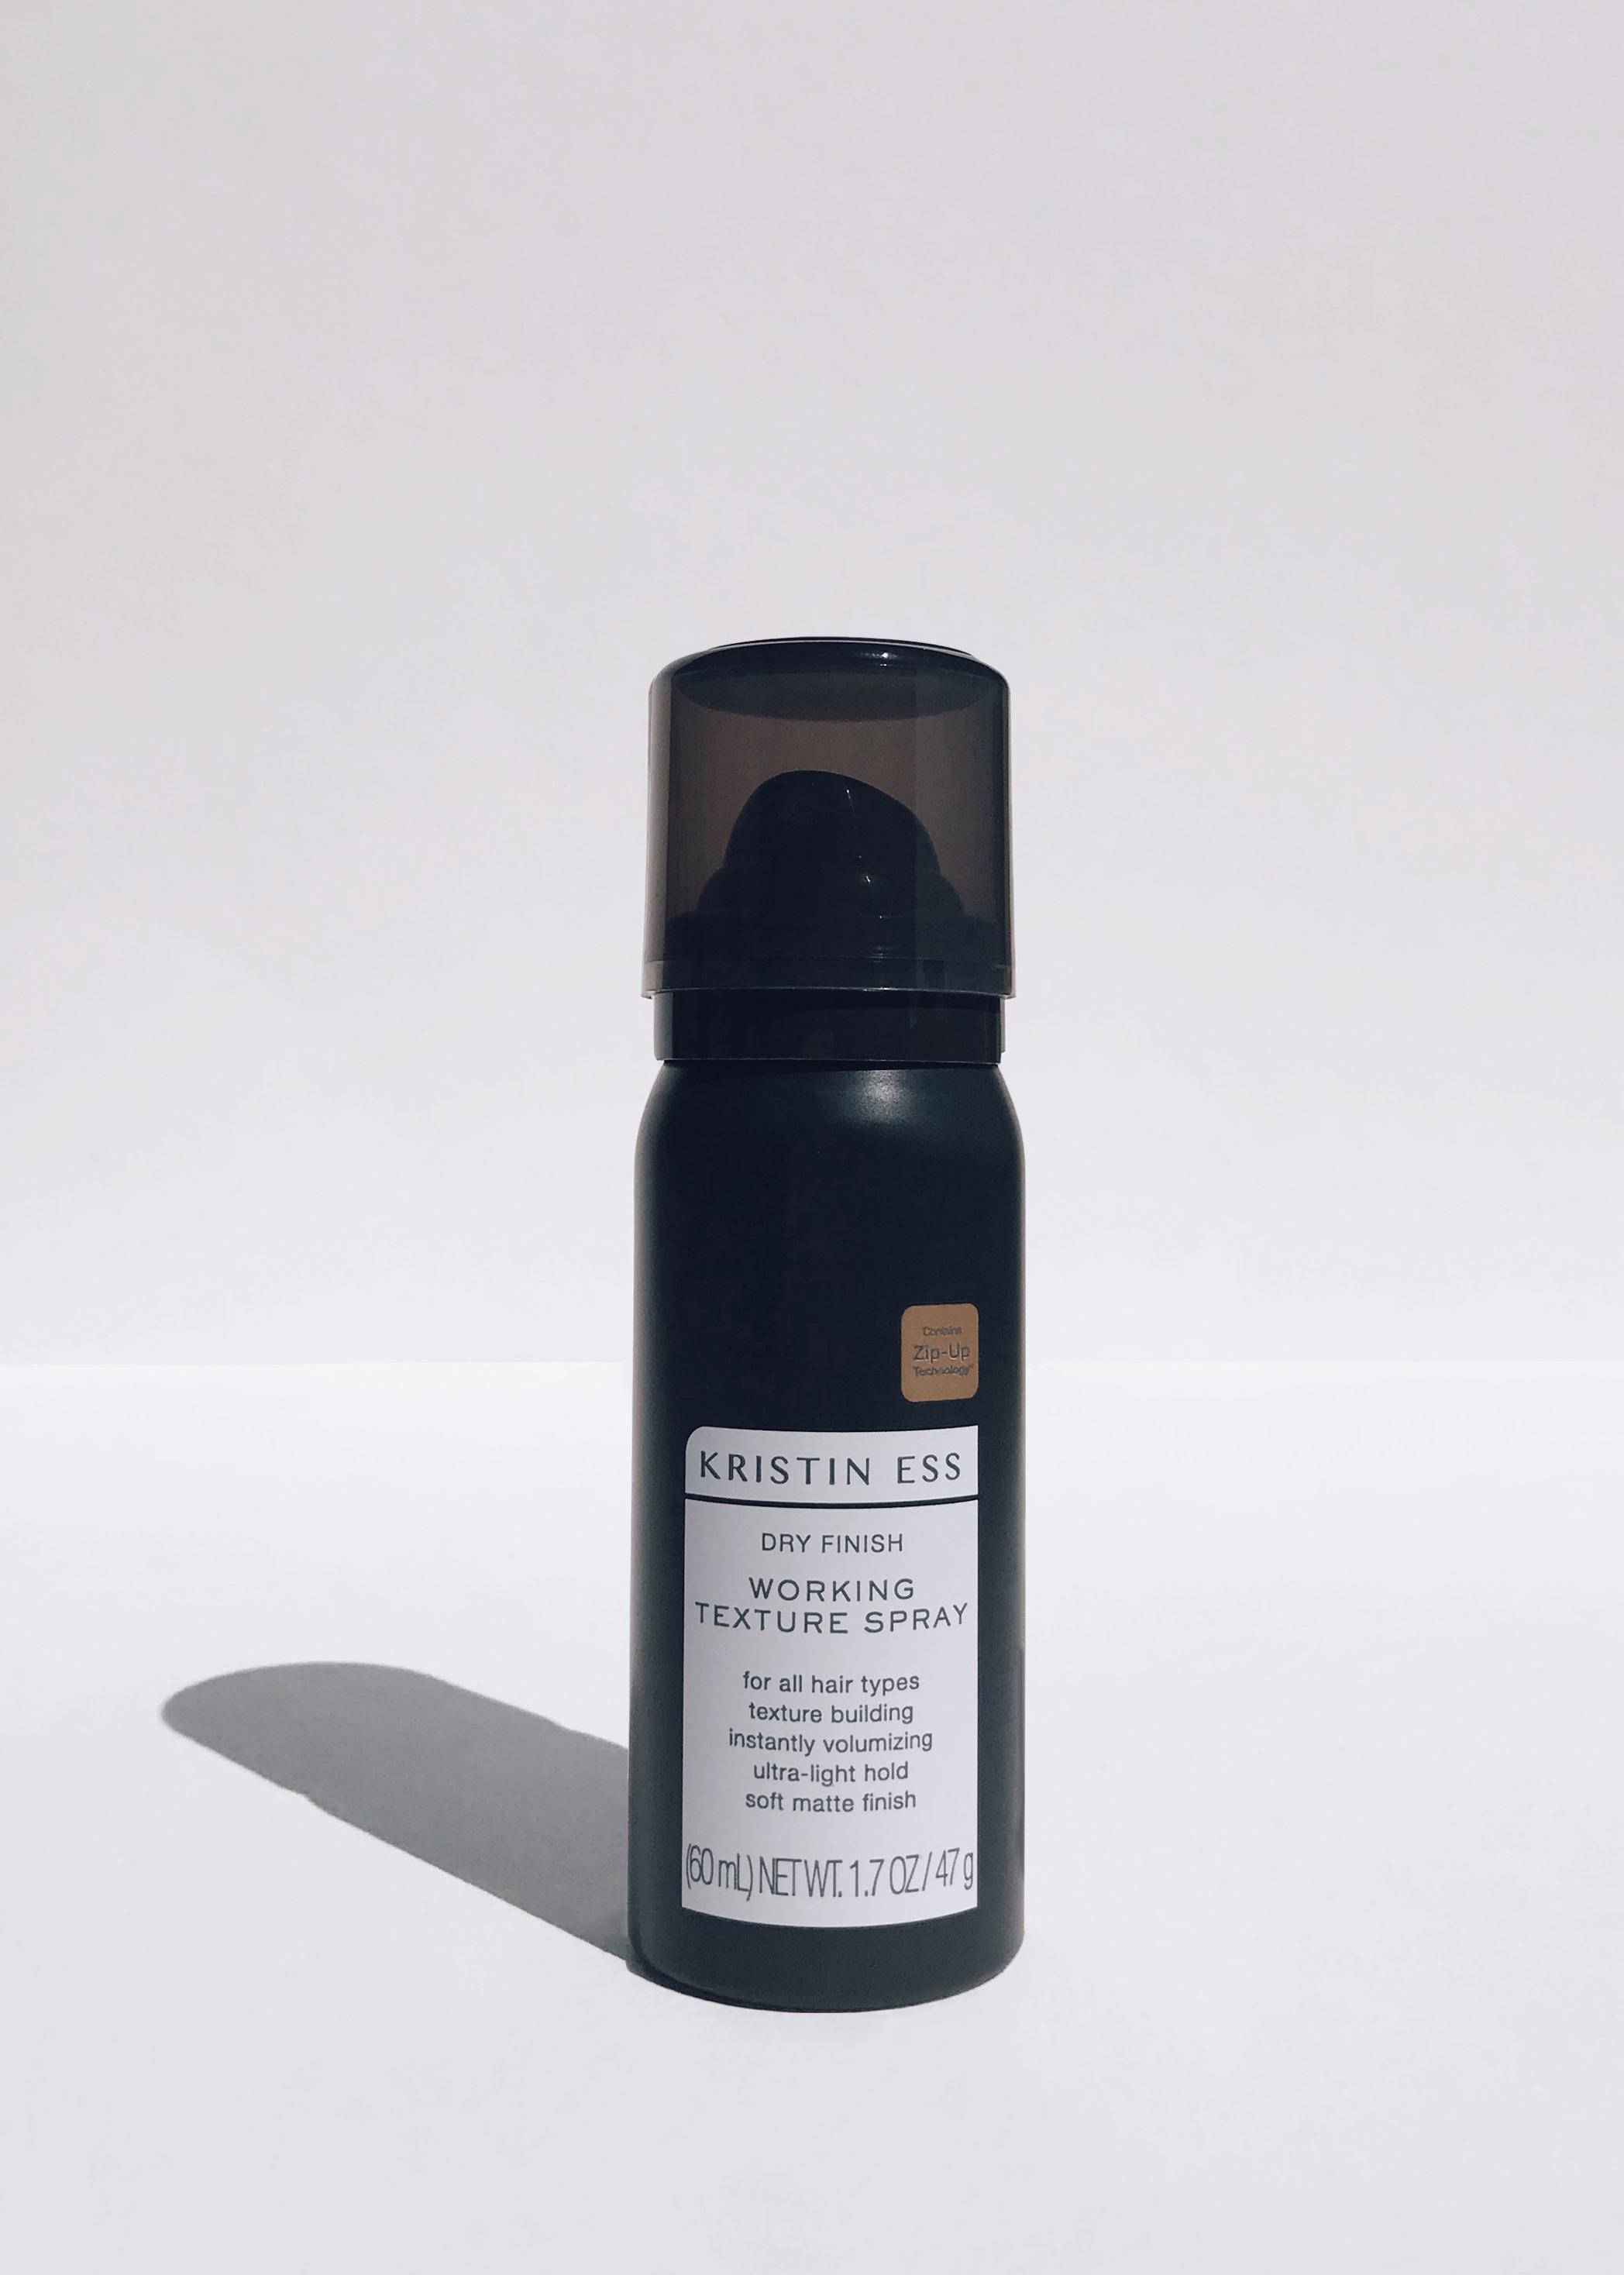 Kristin Ess Texture Spray